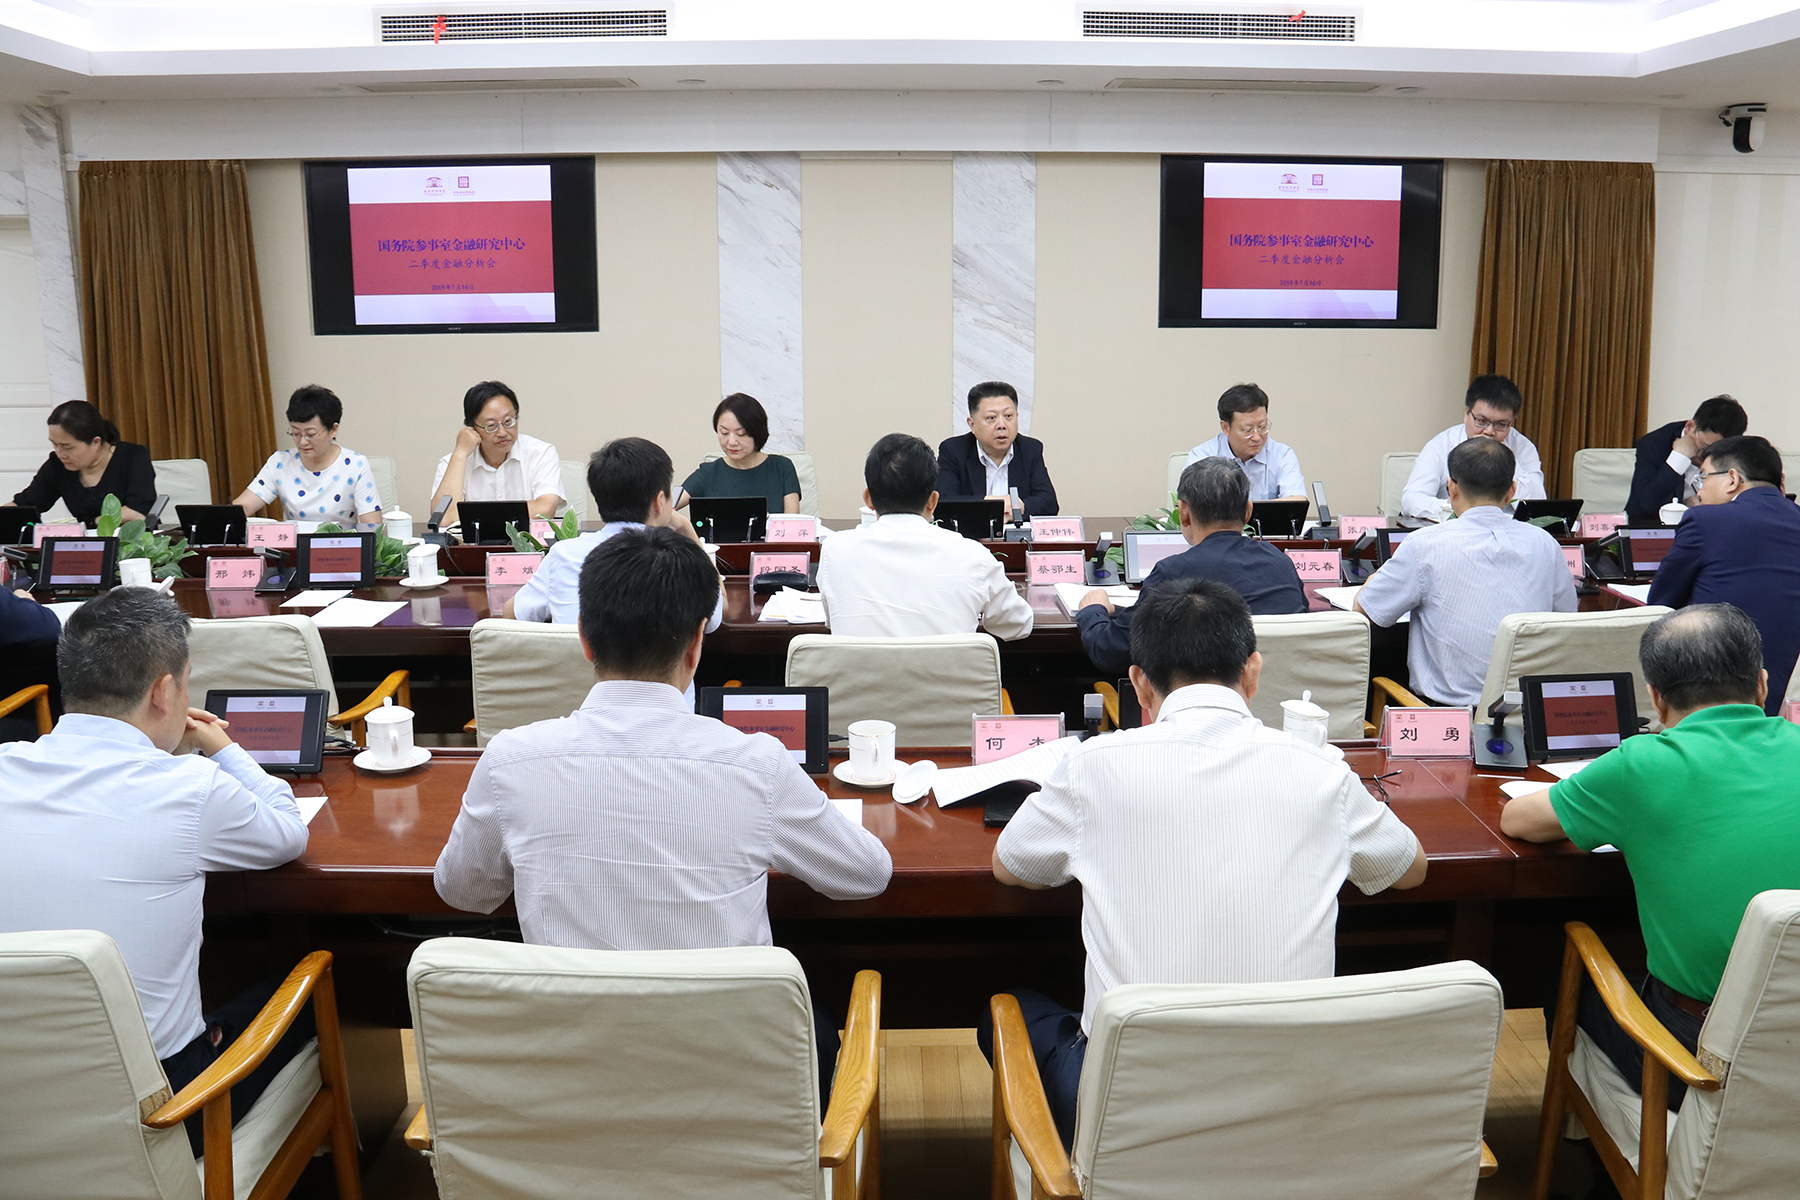 图片3CWM50与国参金融联合召开二季度金融形势分析会